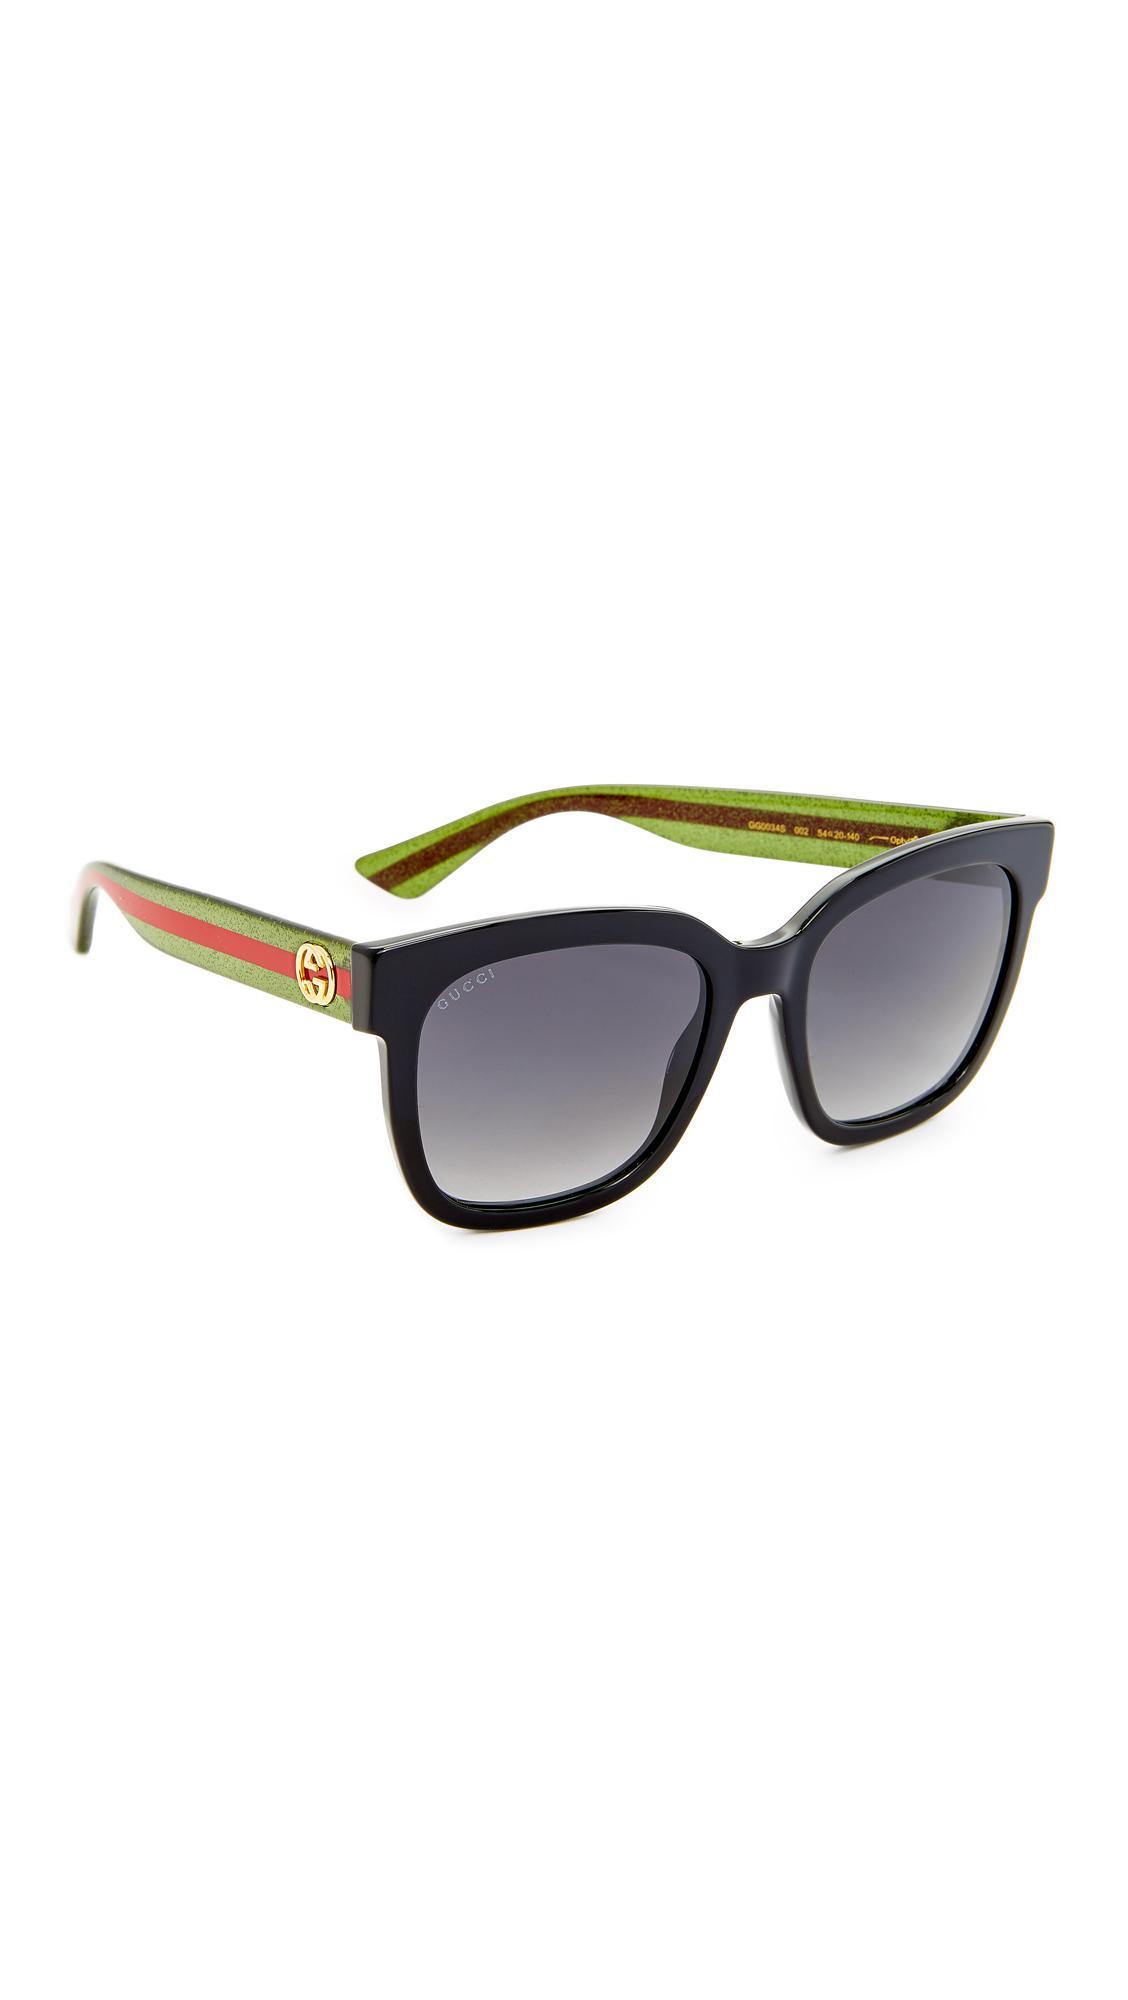 212b31d118e Gucci - Multicolor Urban Pop Square Sunglasses - Lyst. View fullscreen